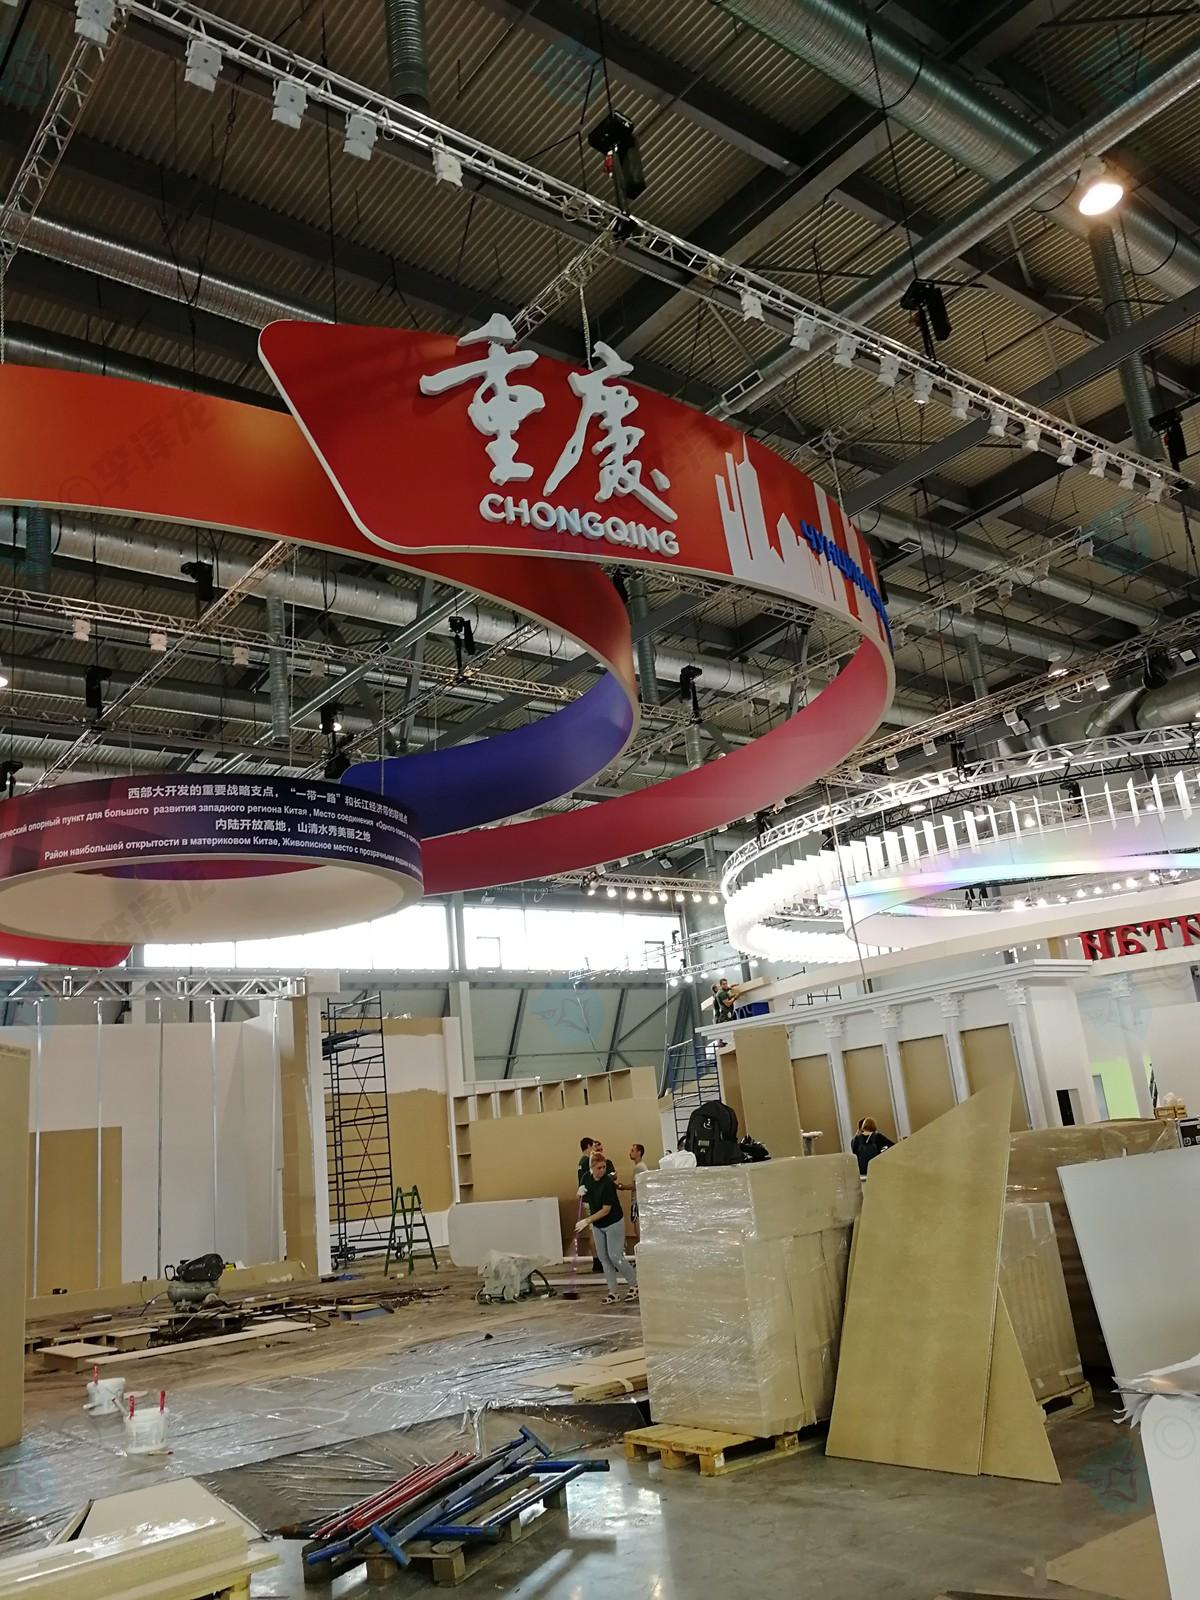 参加俄罗斯工业博览会(俄罗斯创新工业展)是什么体验?插图11-小狮座俄罗斯留学